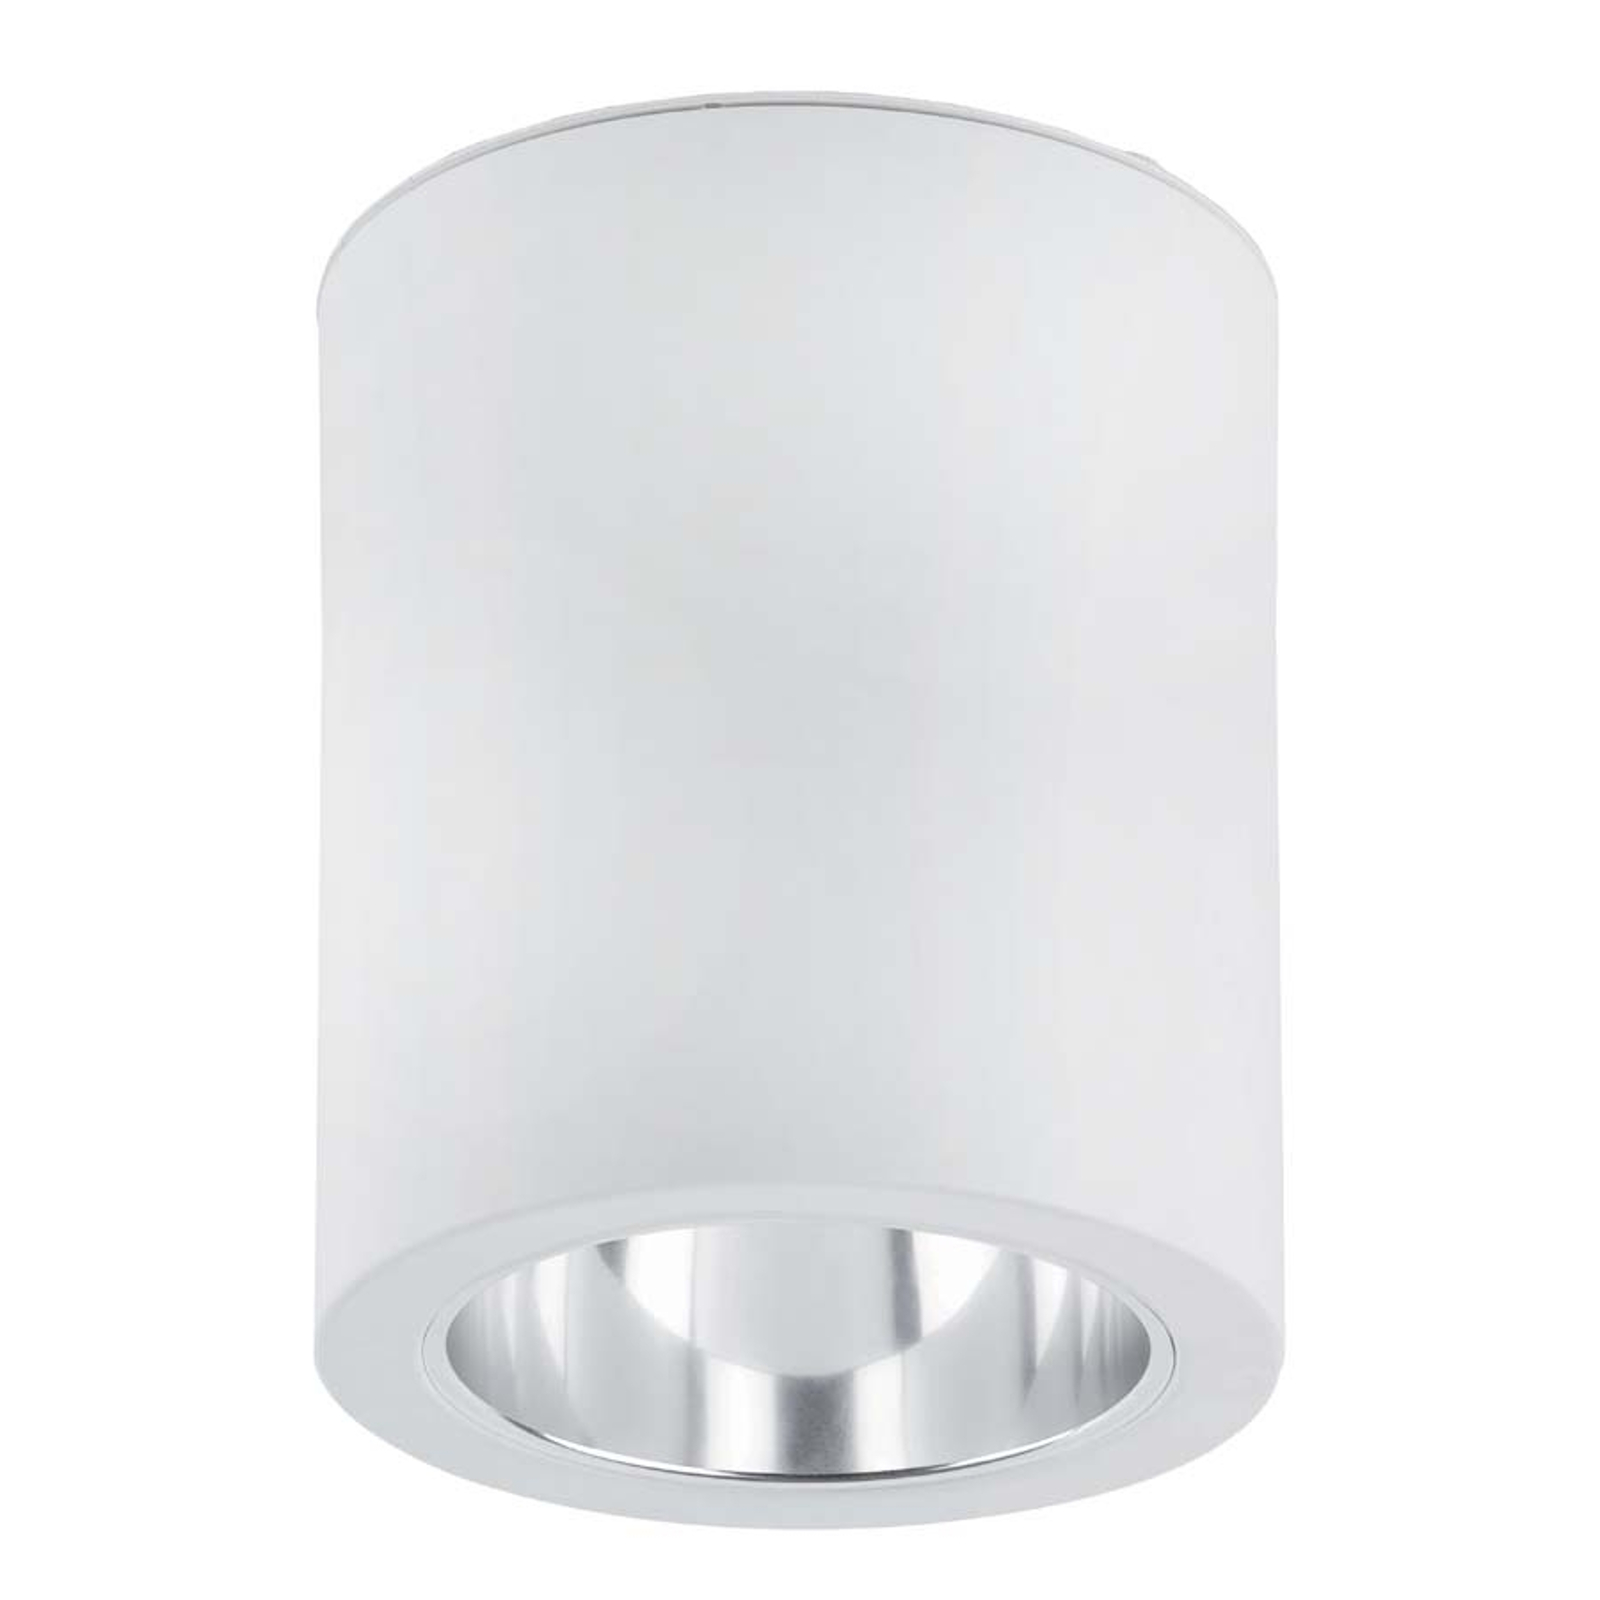 Kaunis Pote 1 -kattovalaisin alumiinia valkoinen